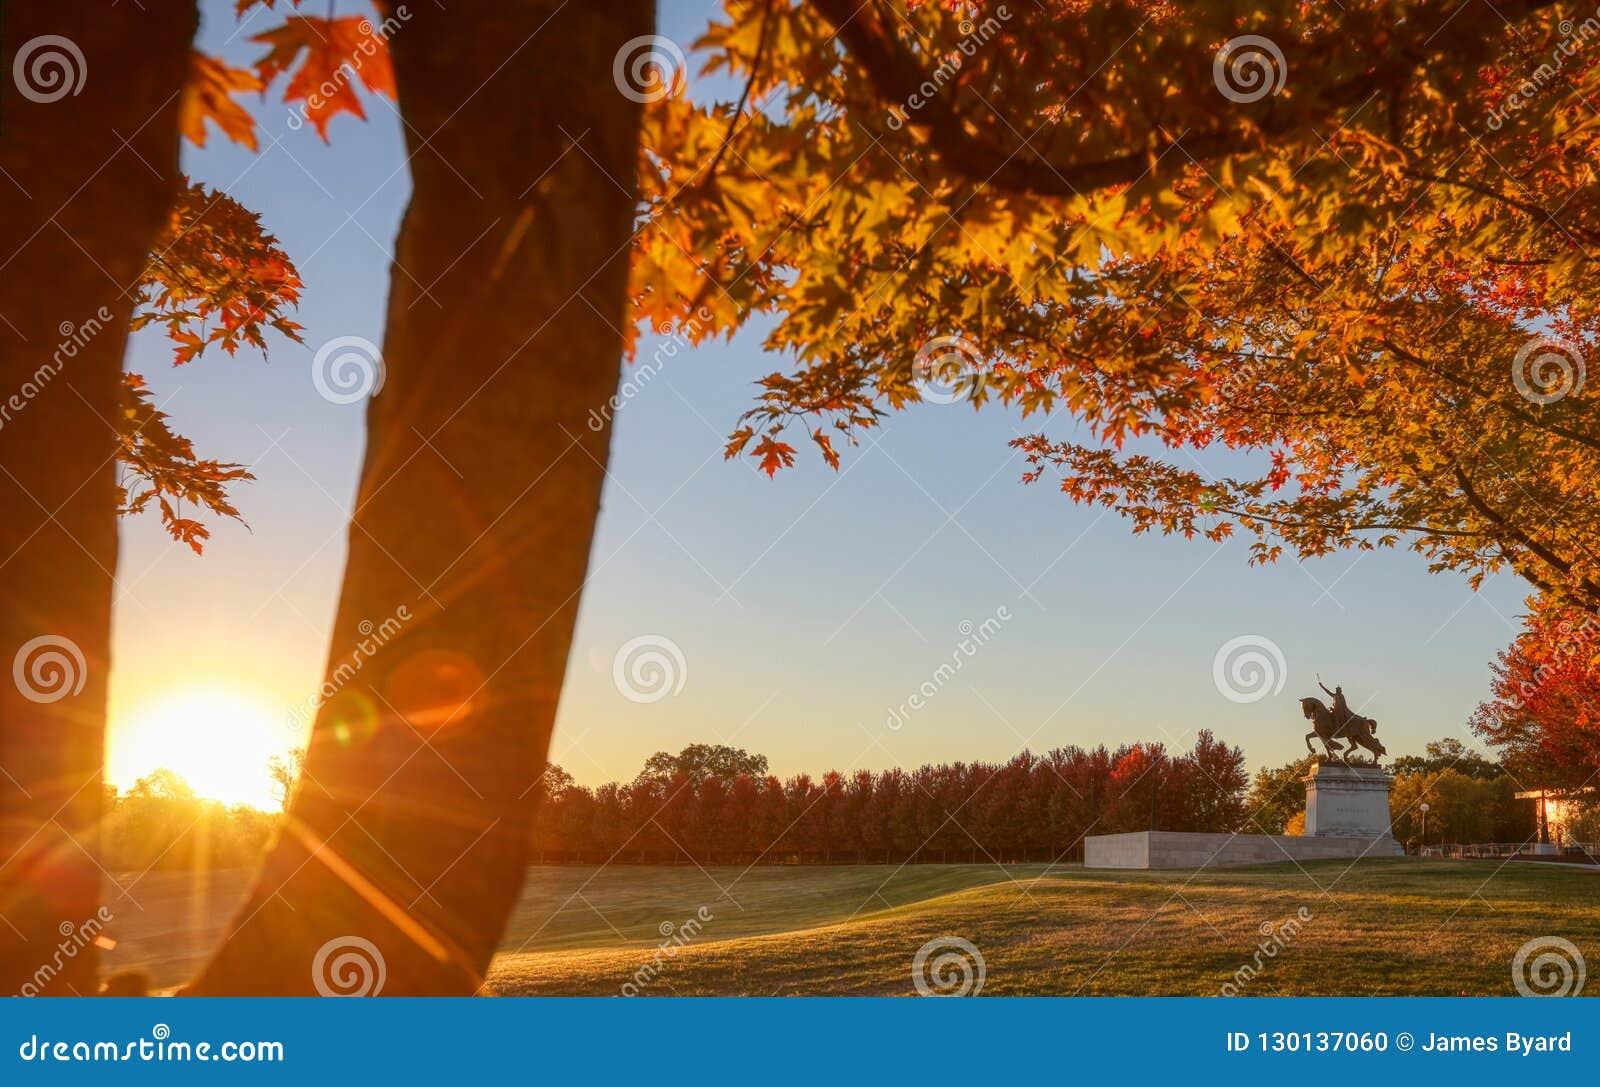 Восход солнца и листопад на холме искусства, Сент-Луис, Миссури